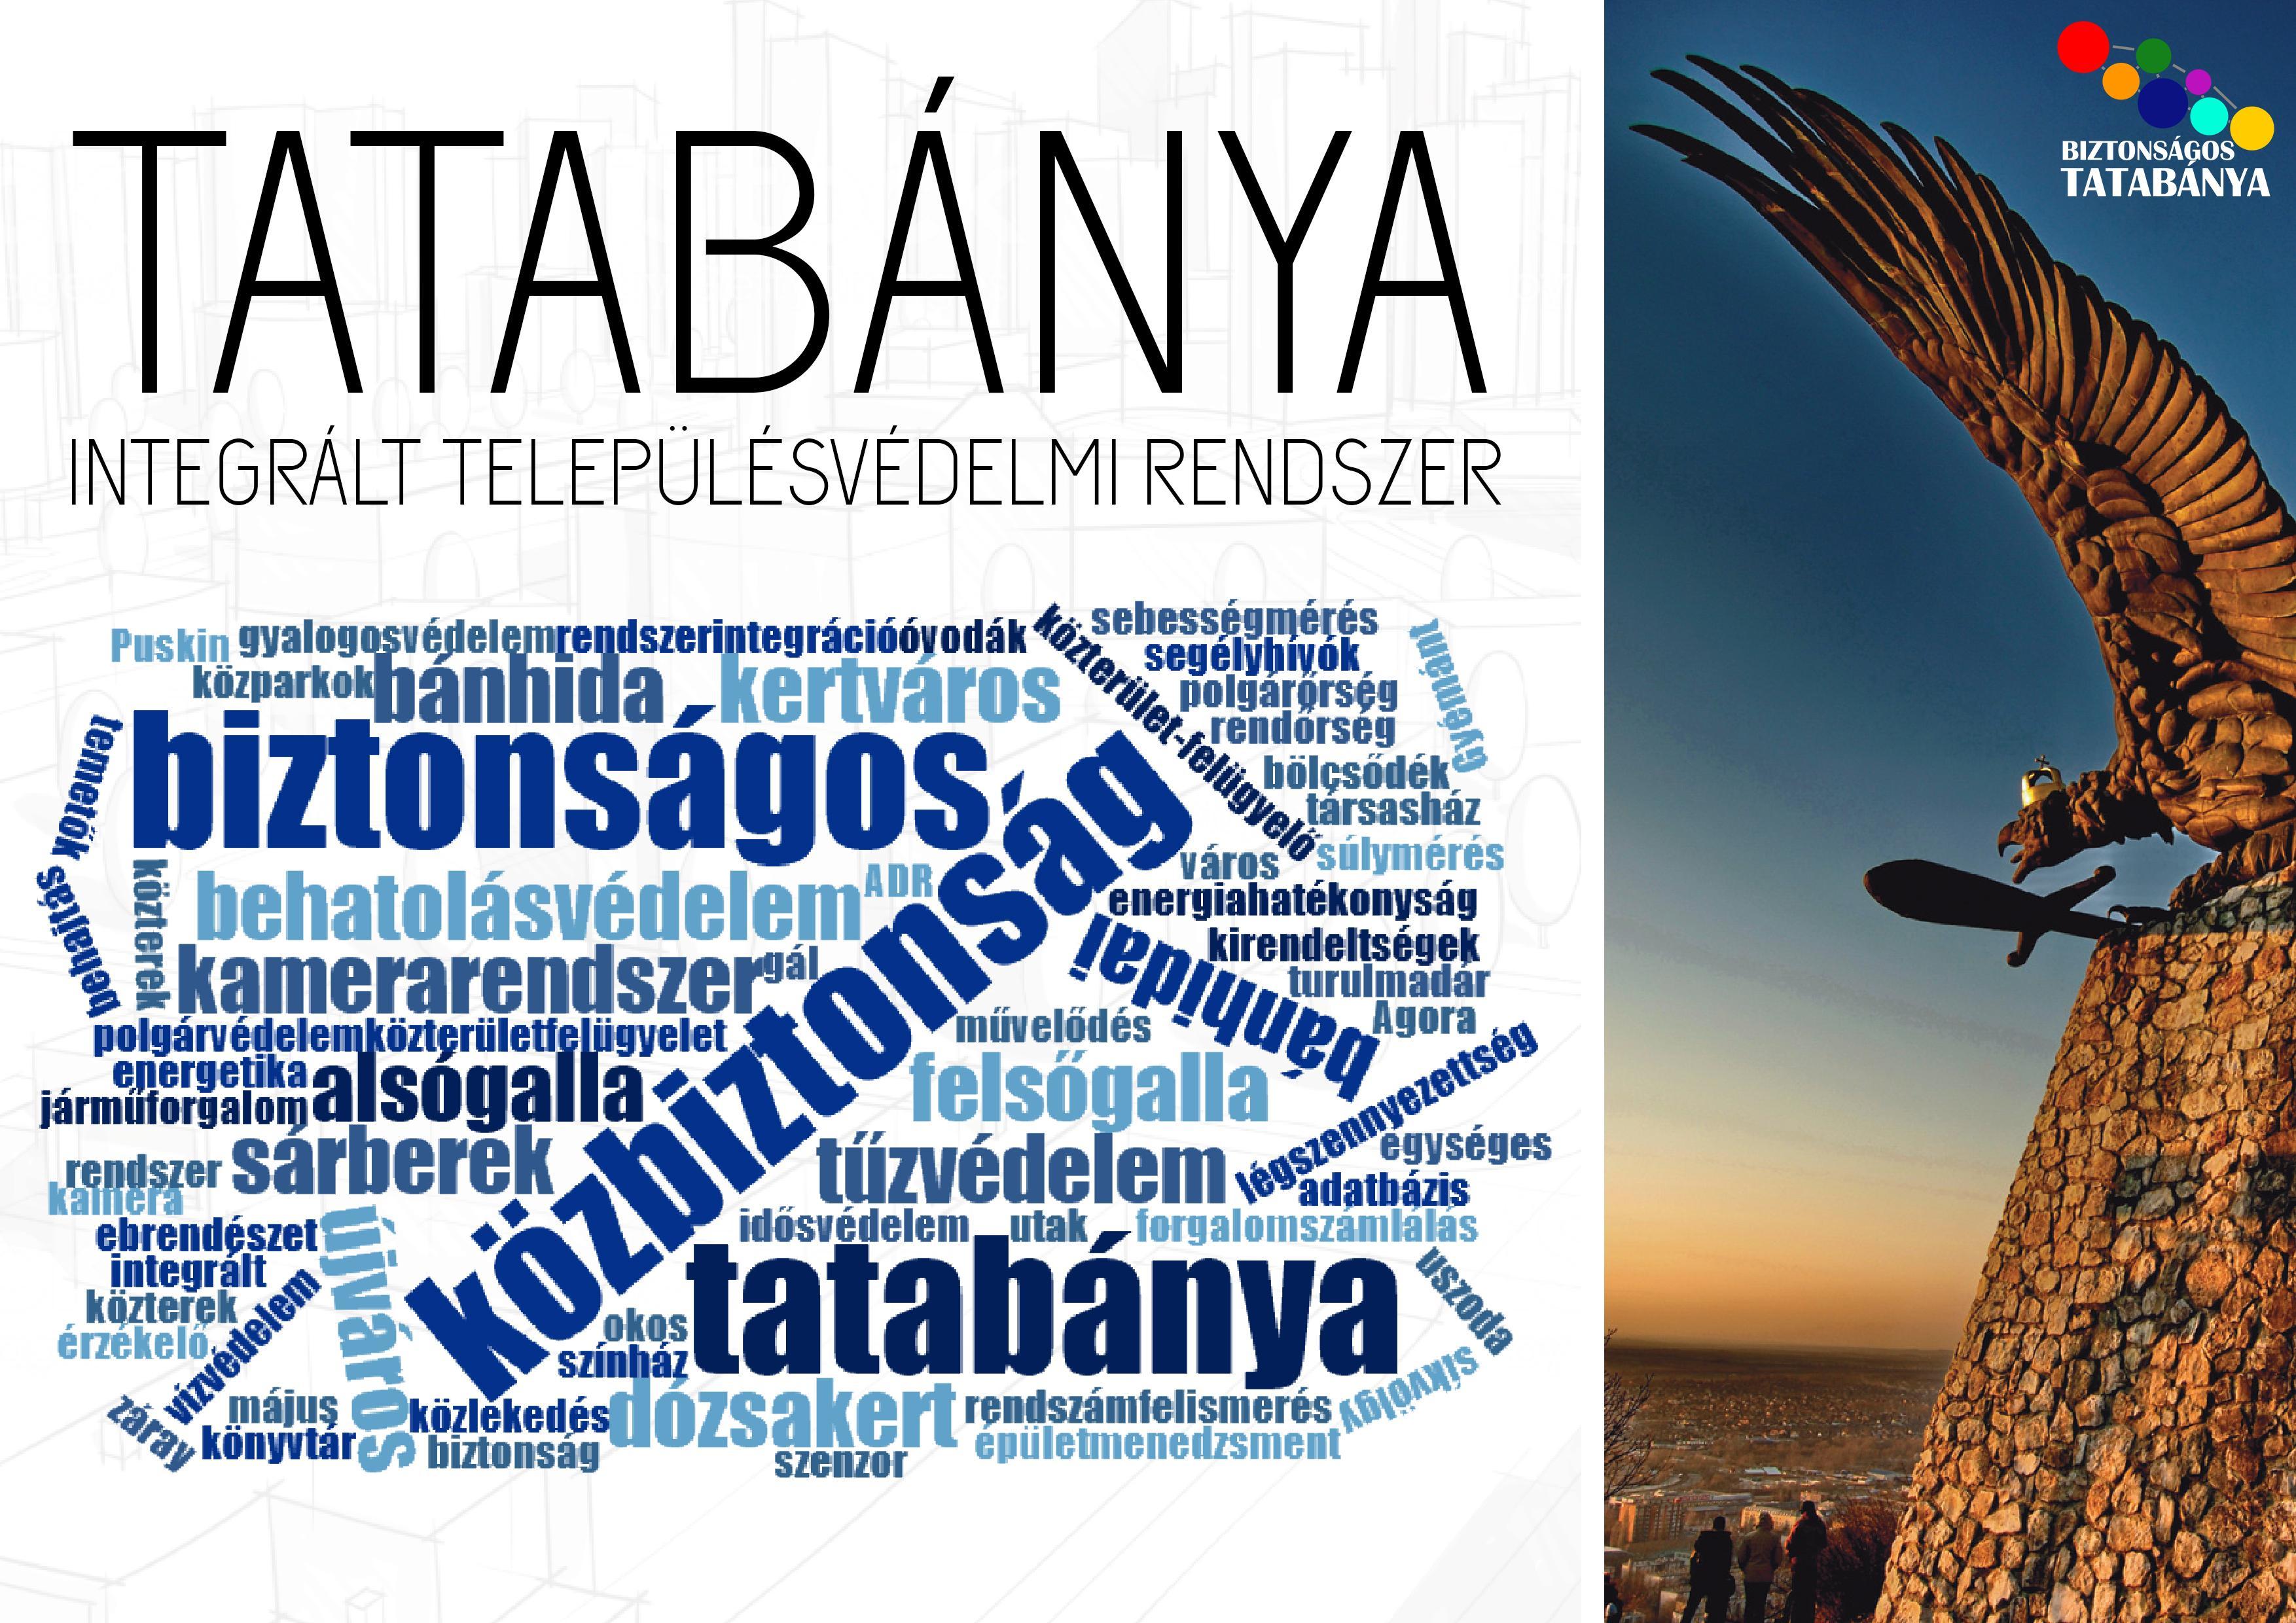 Integrált biztonsági rendszer a közbiztonság szolgálatában Tatabányán -beszélgetés Molnár Tamás közbiztonsági tanácsnokkal Forrás: Molnár Tamás